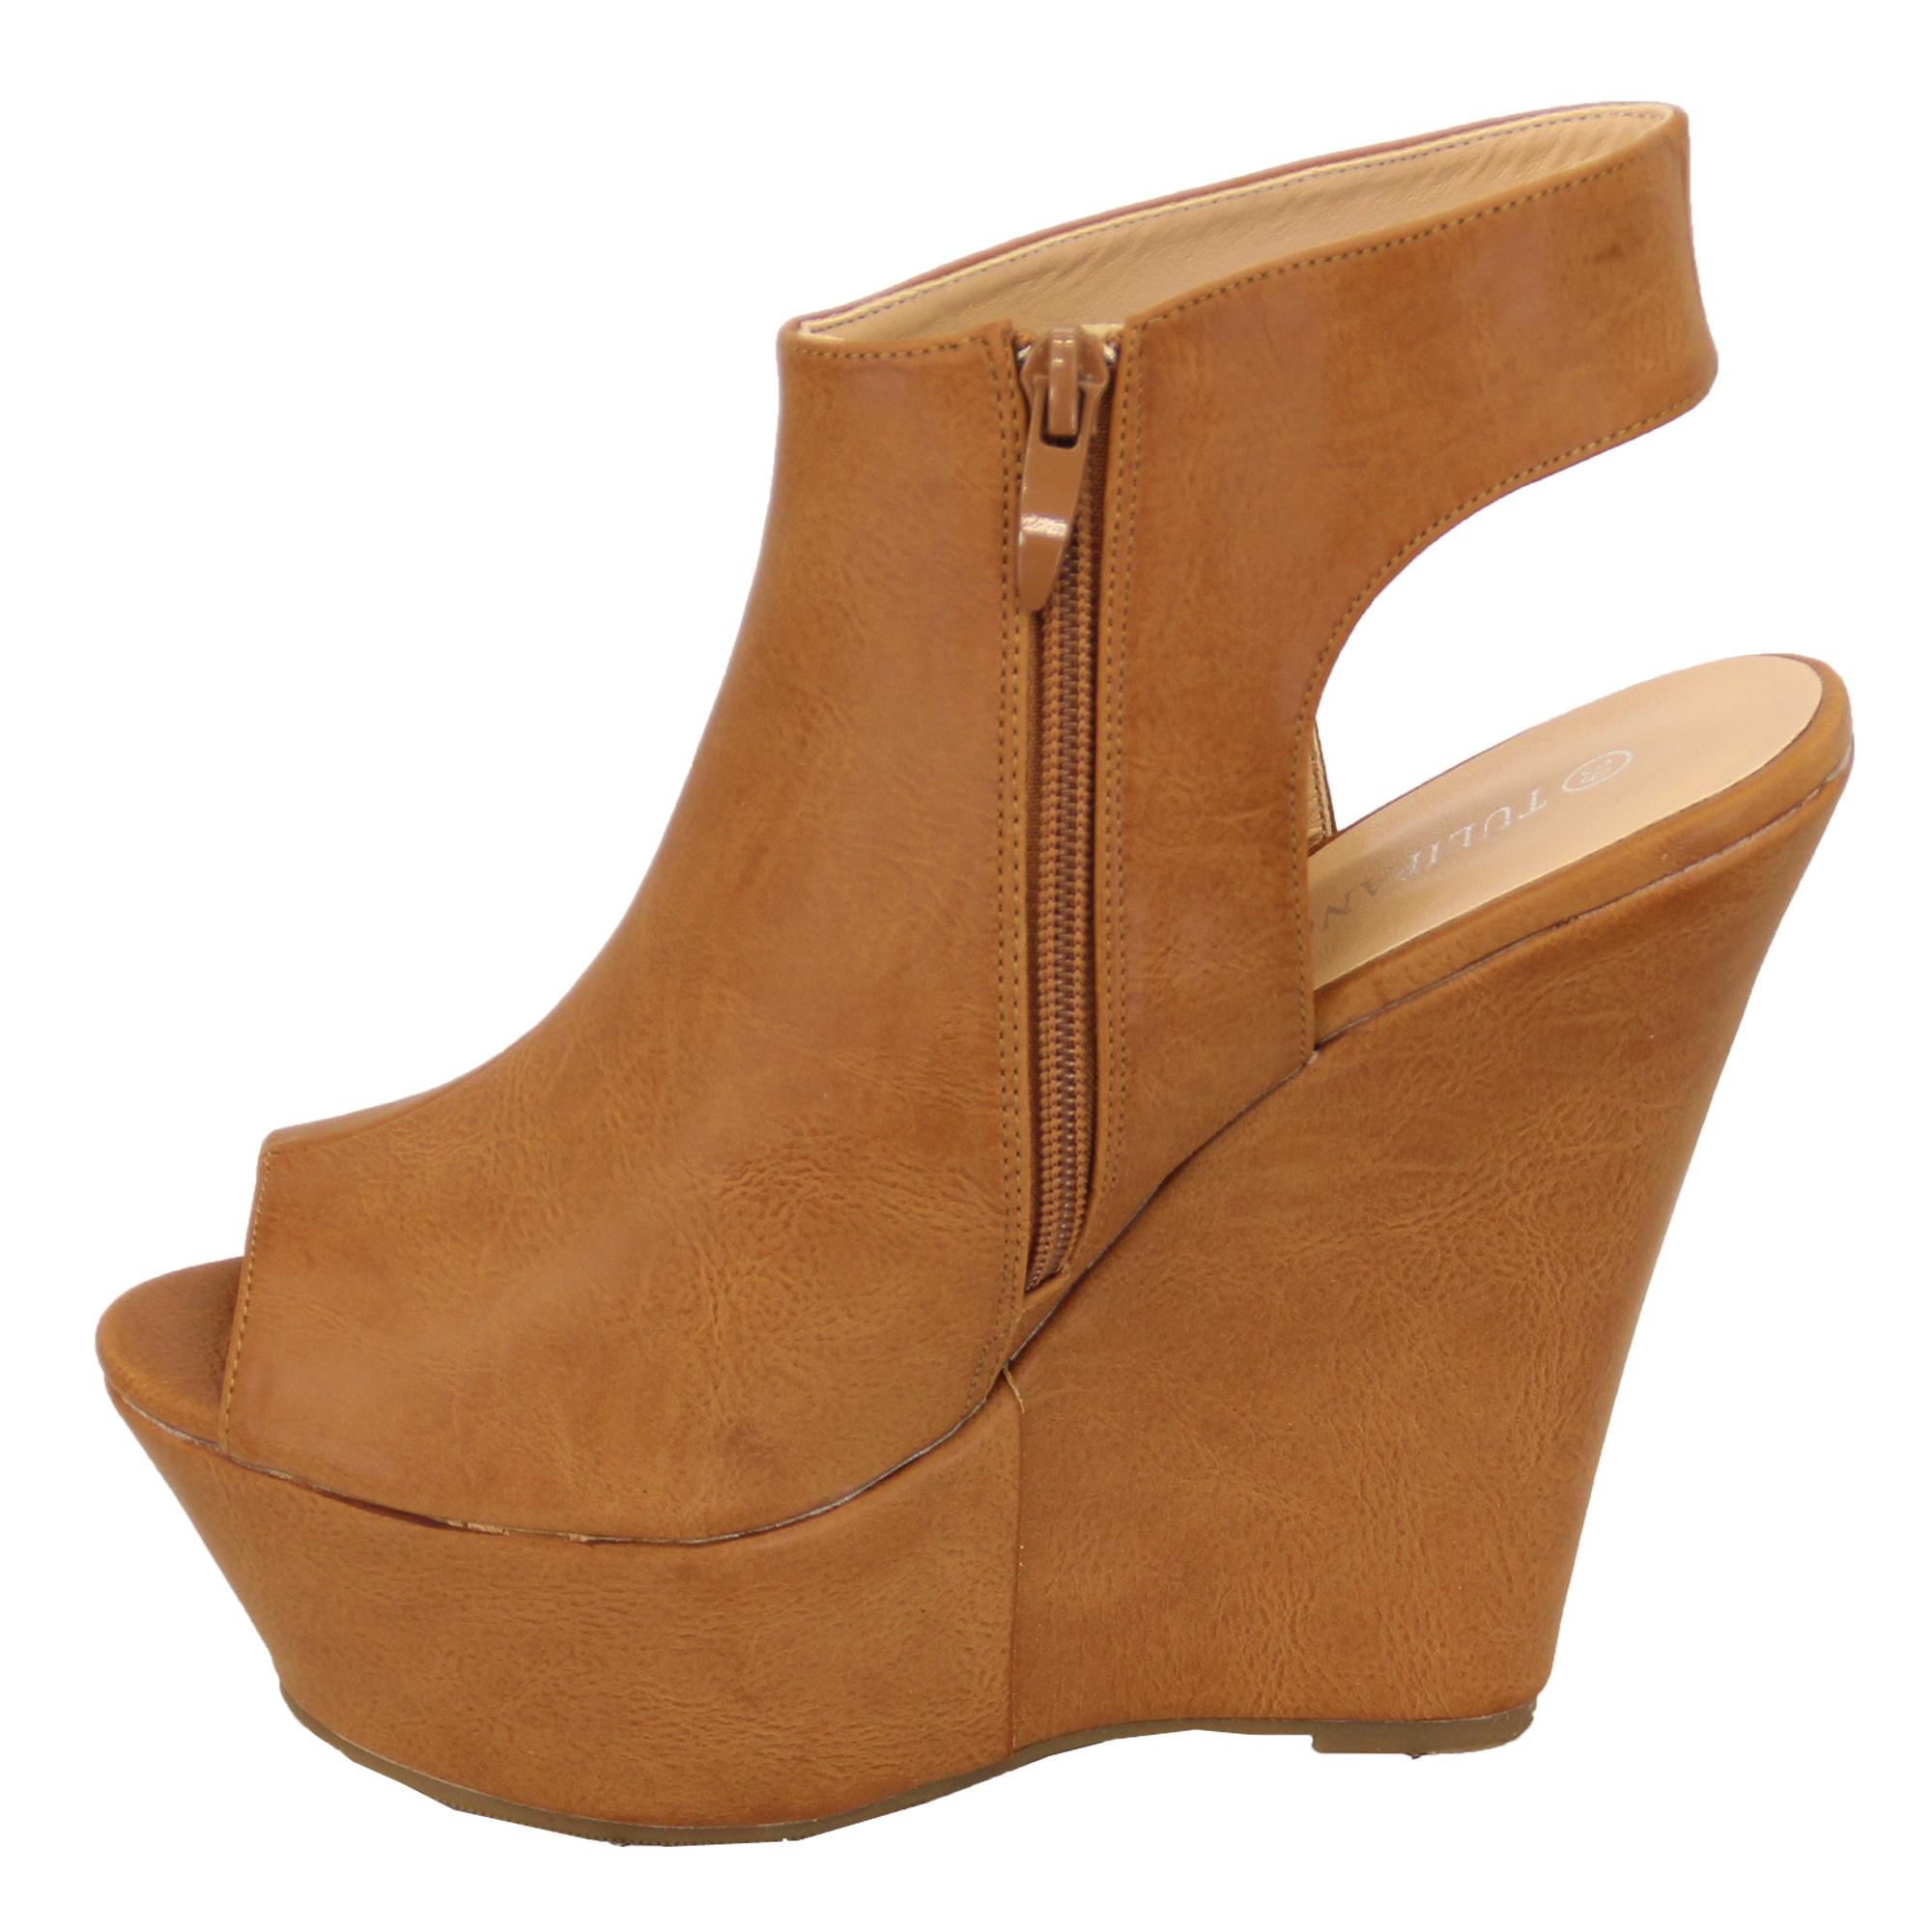 Summer Wedges Sandals For Woman High Heels Platforms Cut